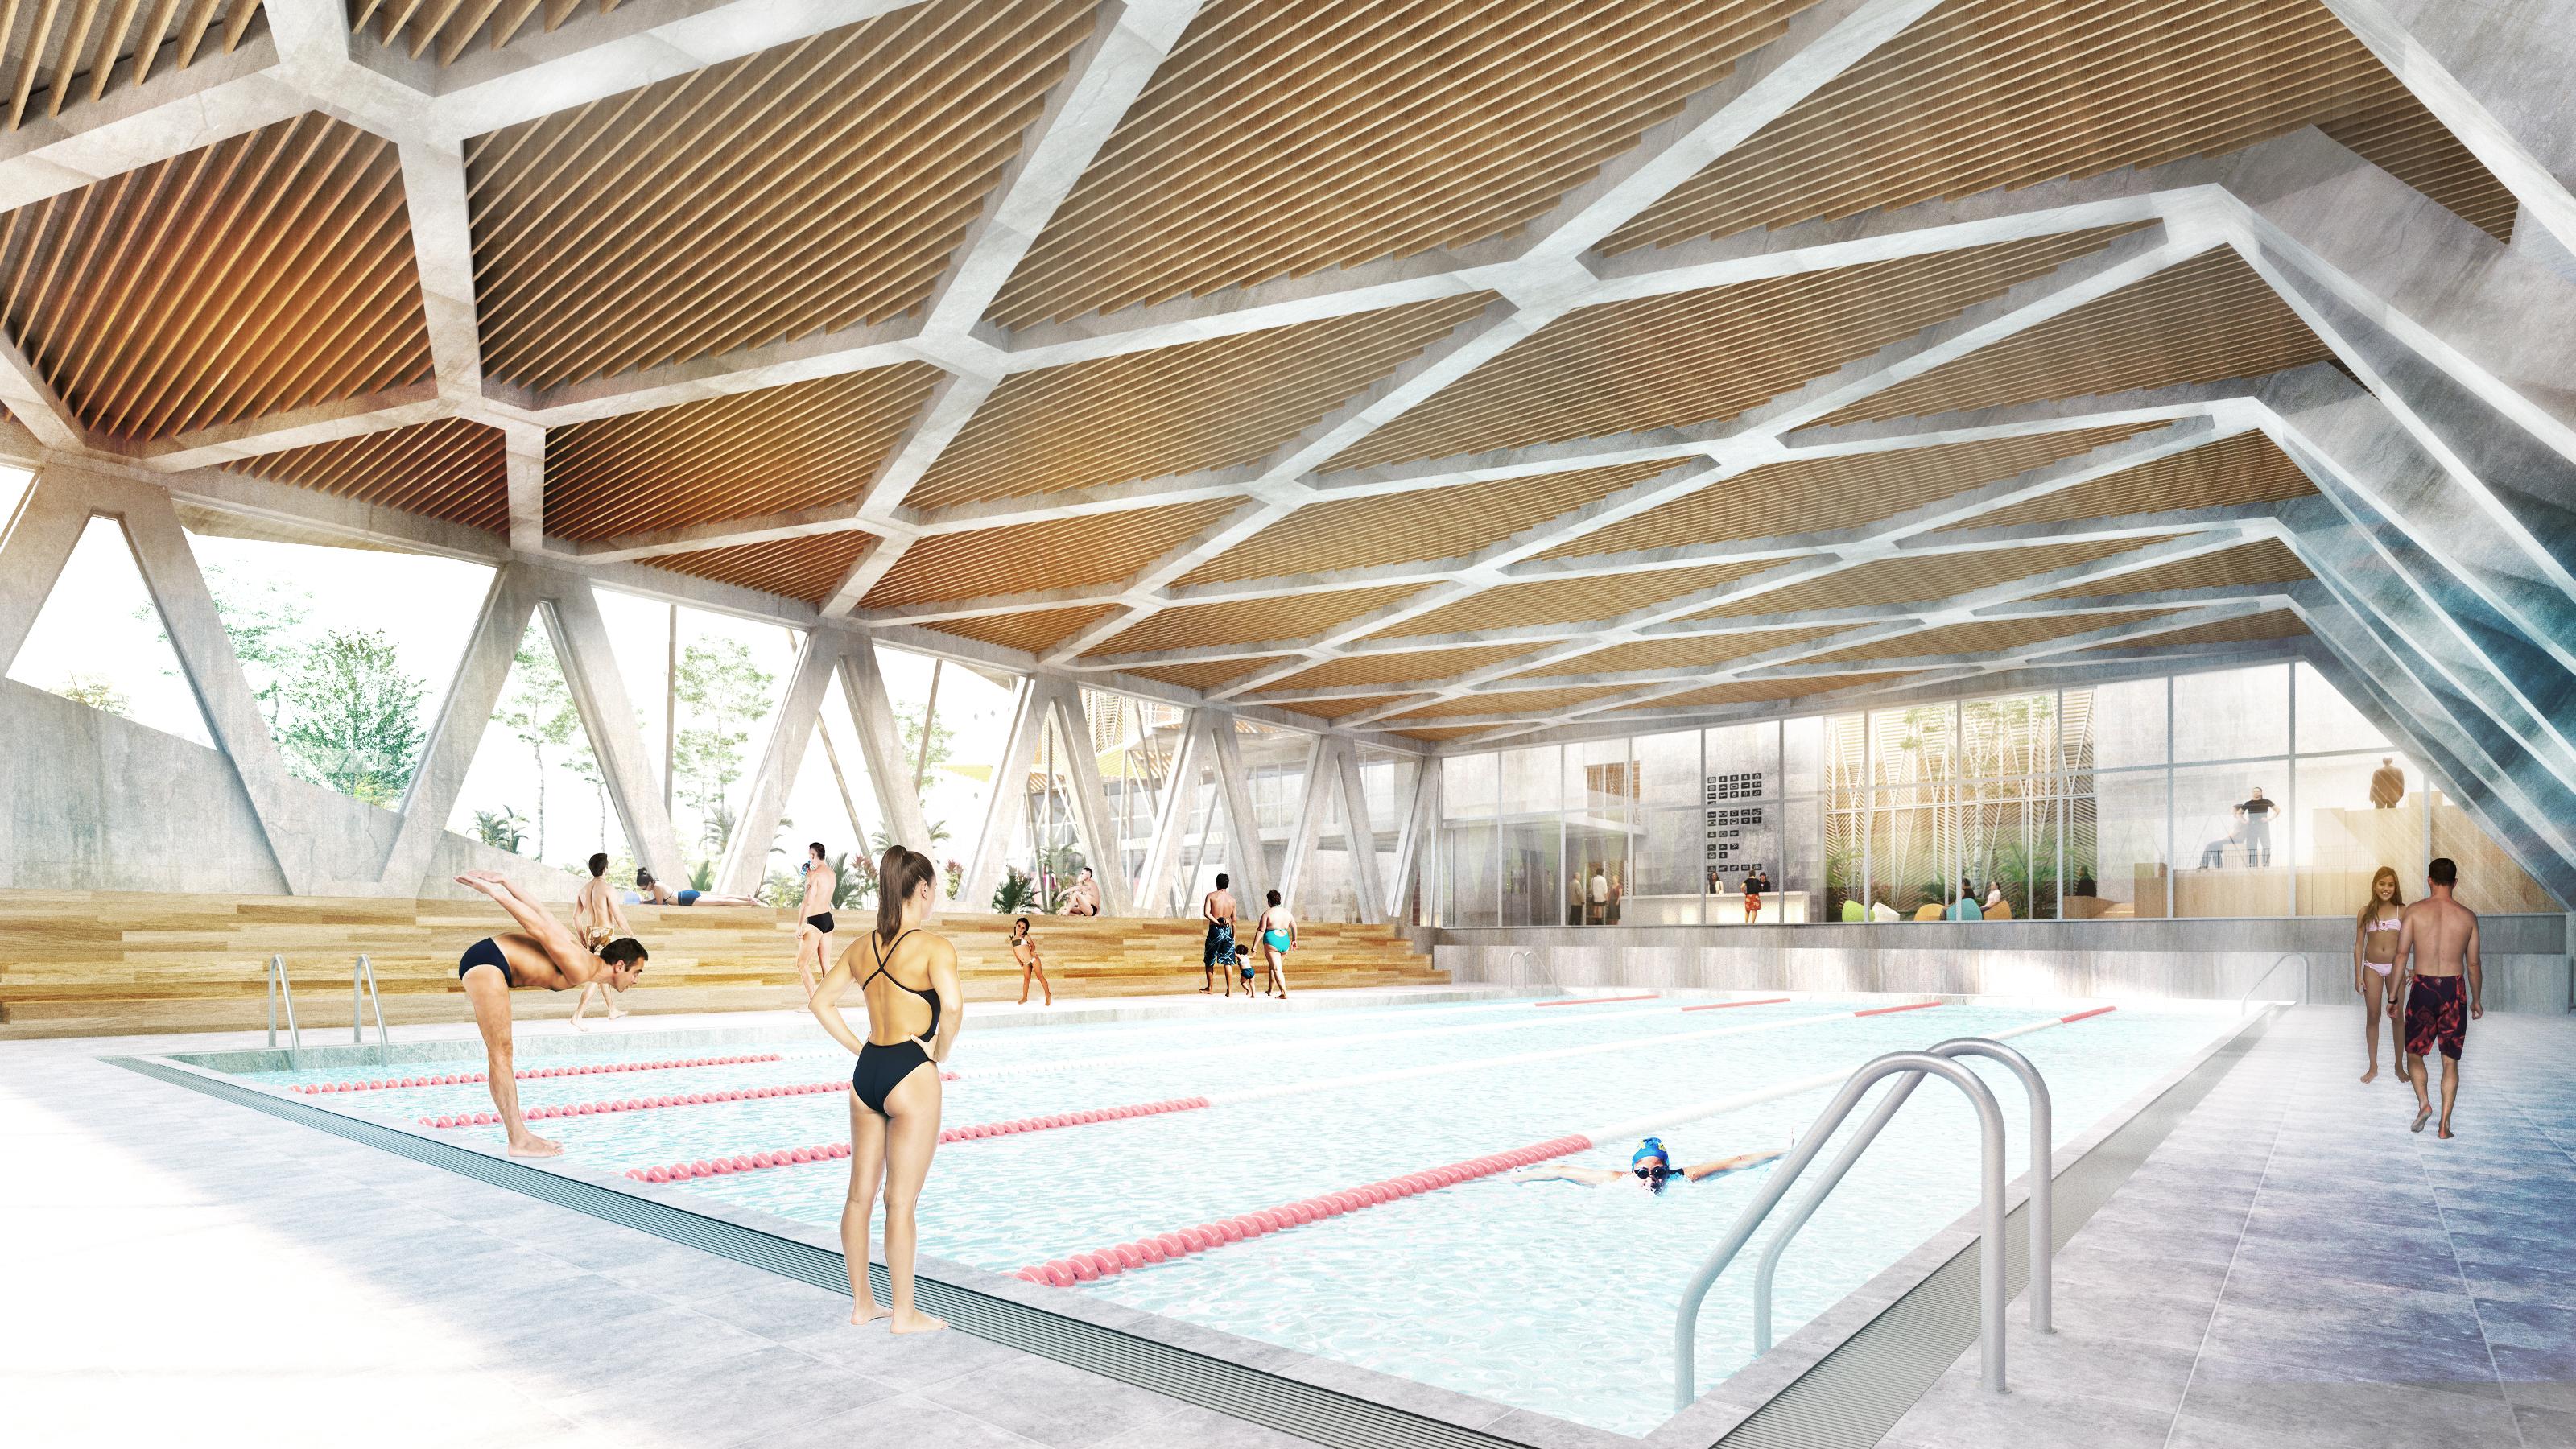 La cebada recupera su polideportivo y el espacio p blico for Gimnasio con piscina fuenlabrada